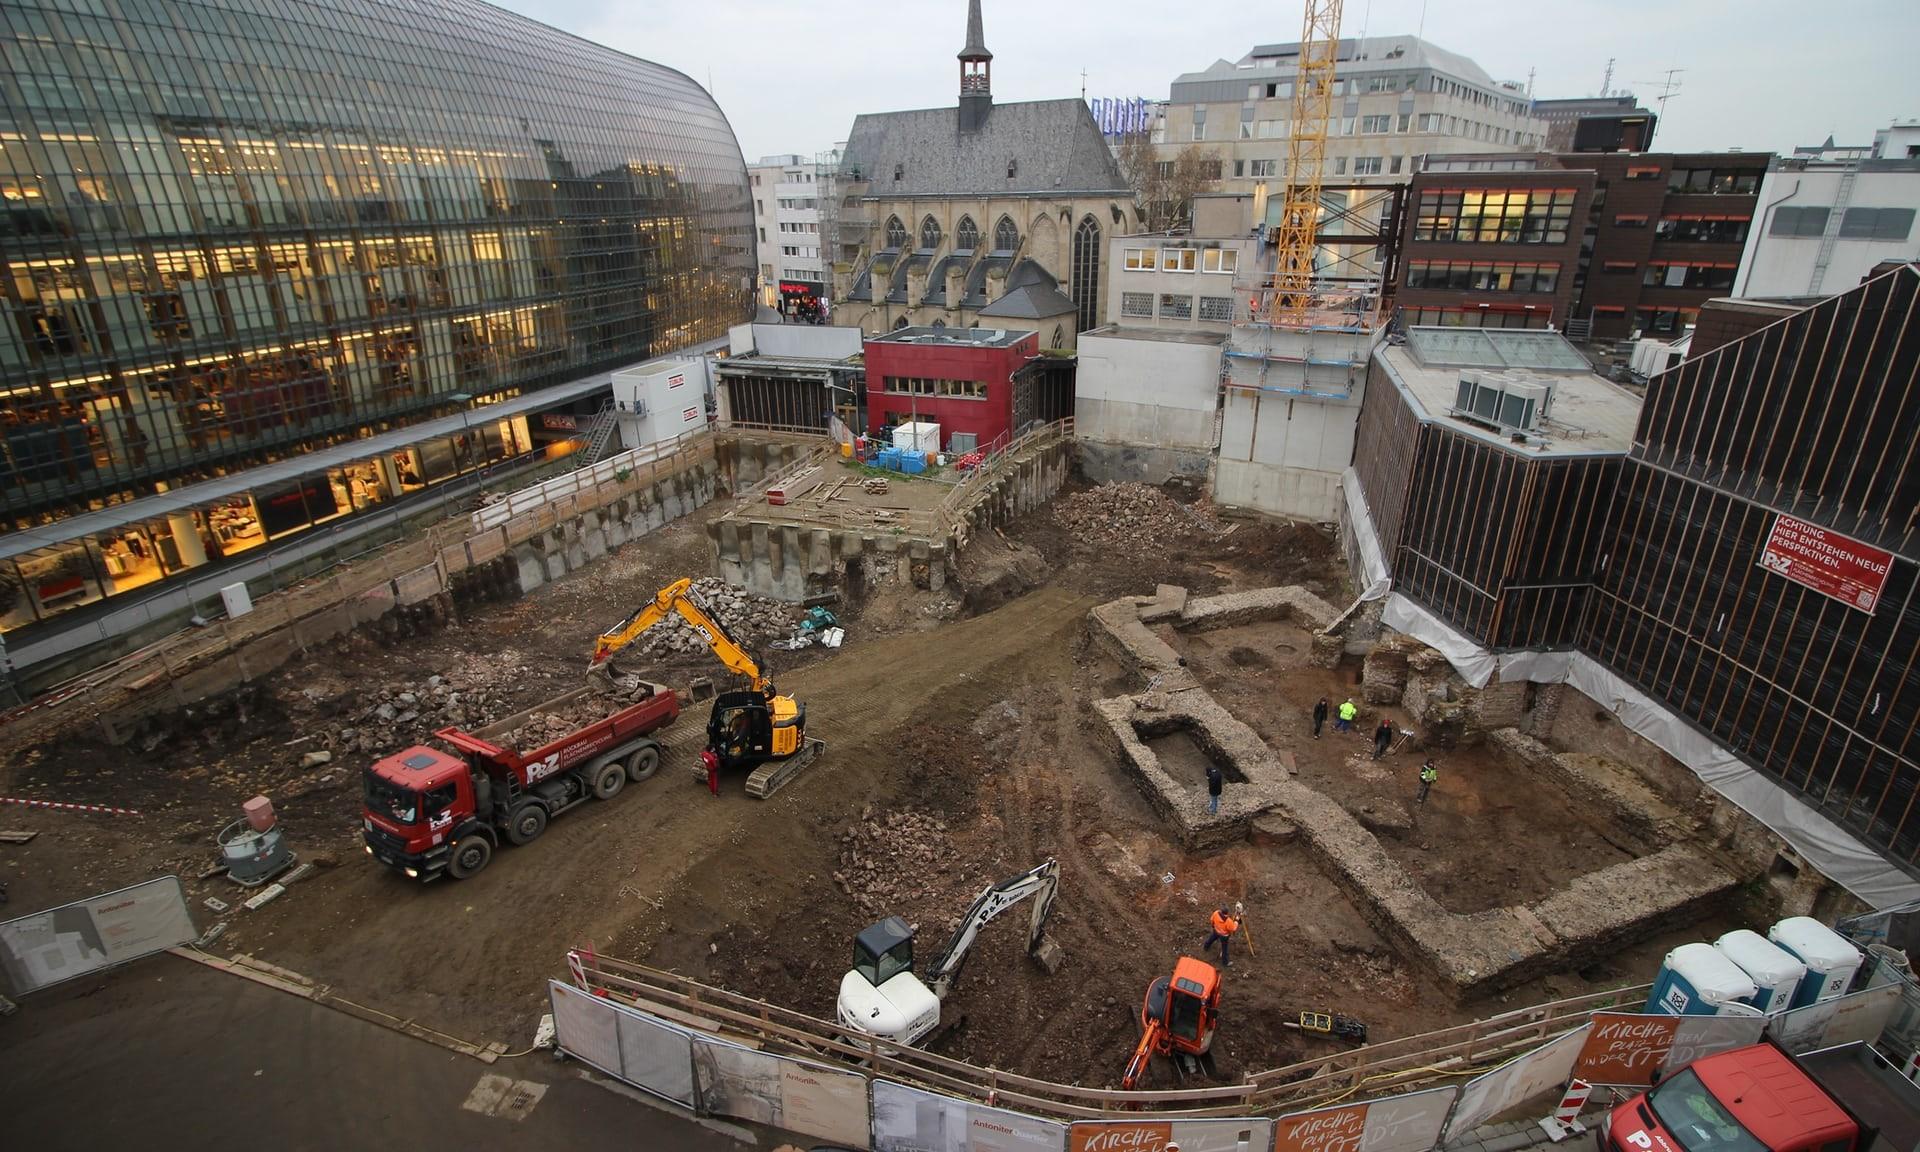 Estrutura foi encontrada durante construção de centro comunitário em Colônia, na Alemanha (Foto: Museu Romano-Germânico de Colônia)